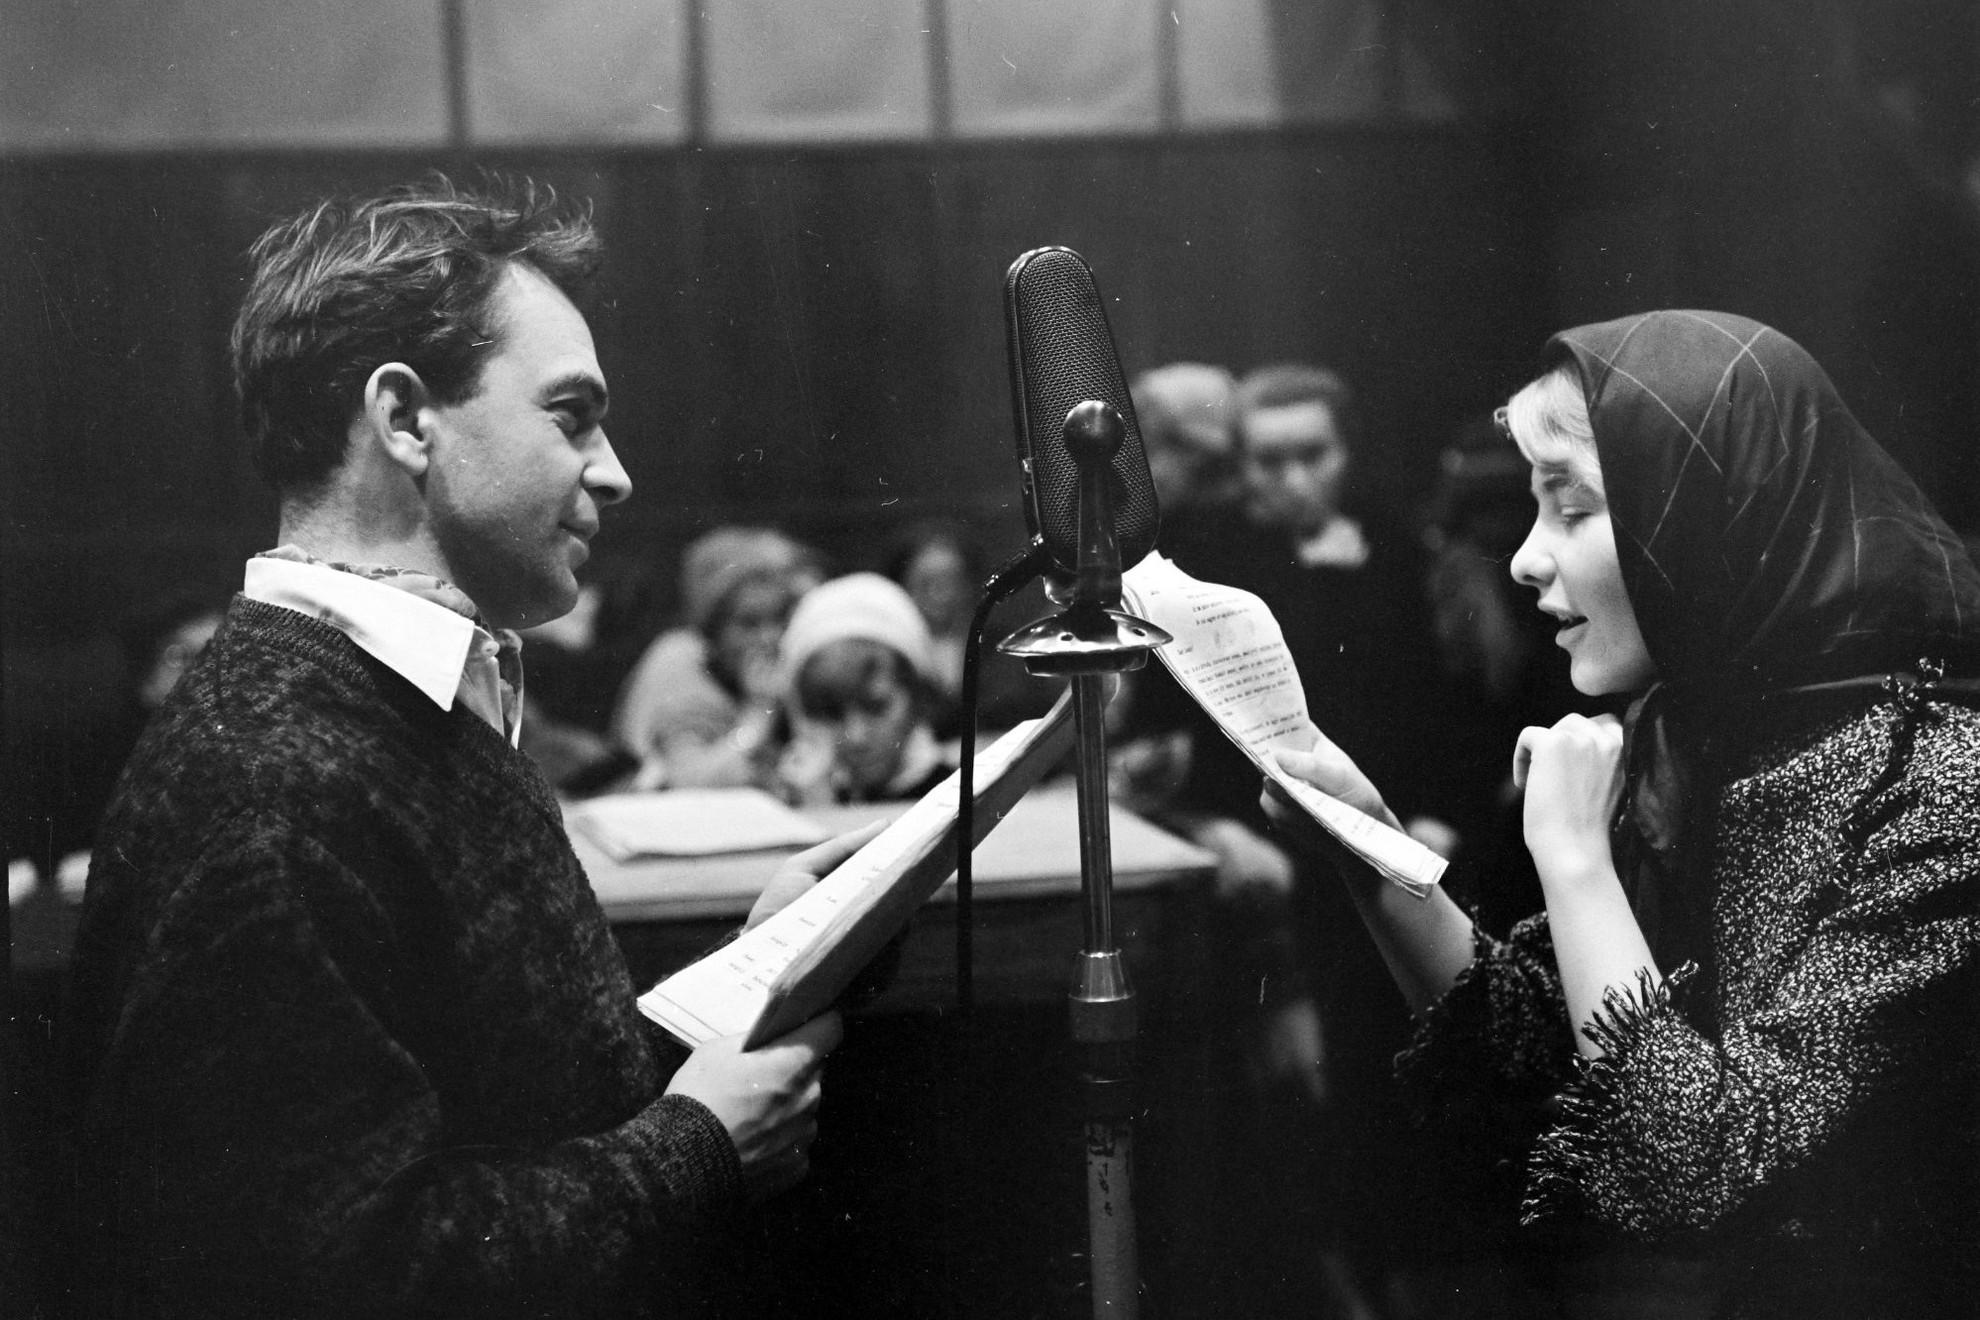 Bodrogi Gyula és Törőcsik Mari színművészek a Magyar Rádió 1-es stúdiójában Gárdonyi Géza Az egri csillagok című művéből készült rádiójáték felvételekor, 1958-ban